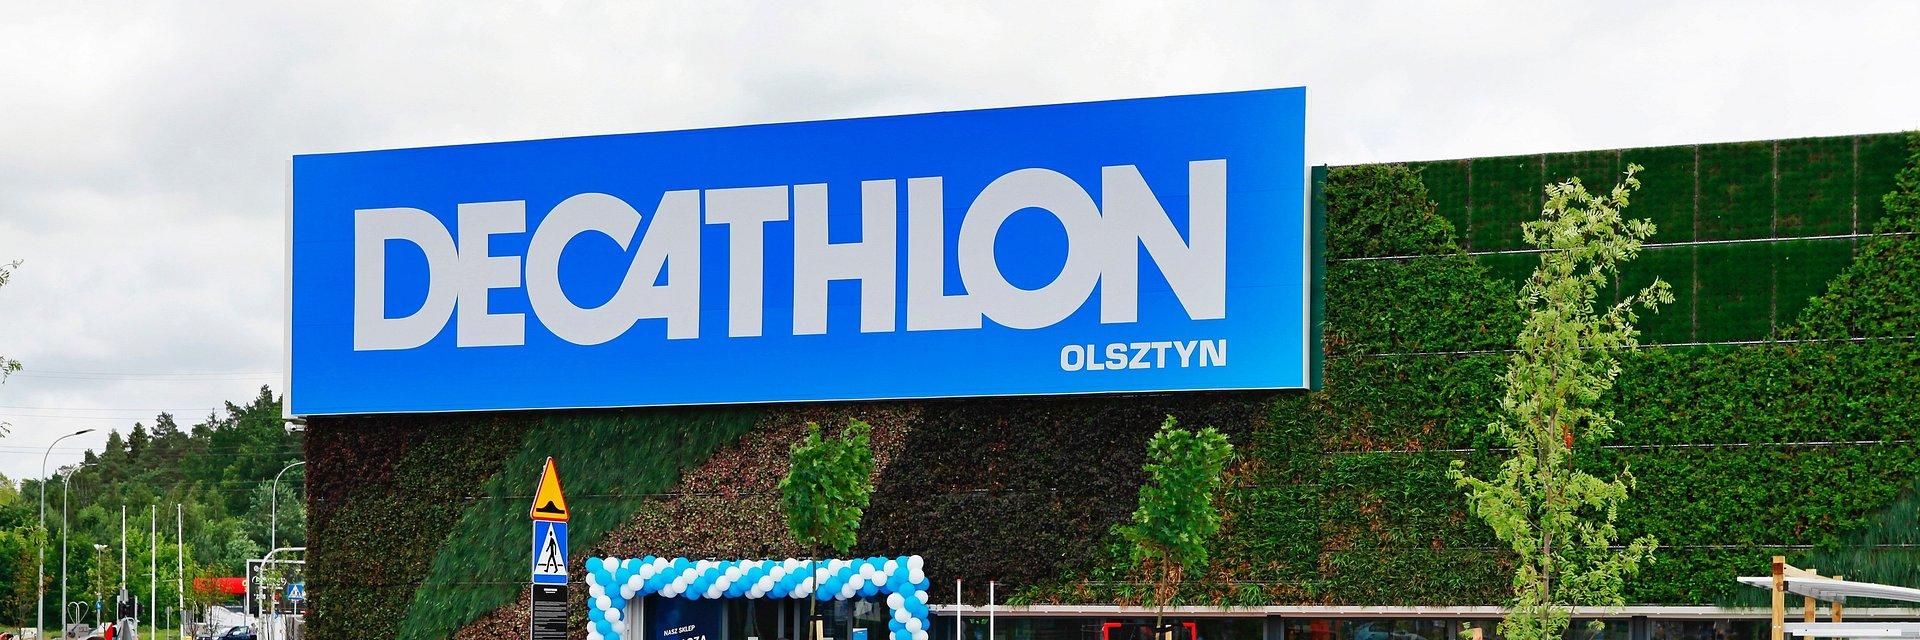 Decathlon otwiera w Olsztynie swój najbardziej ekologiczny sklep w Polsce!